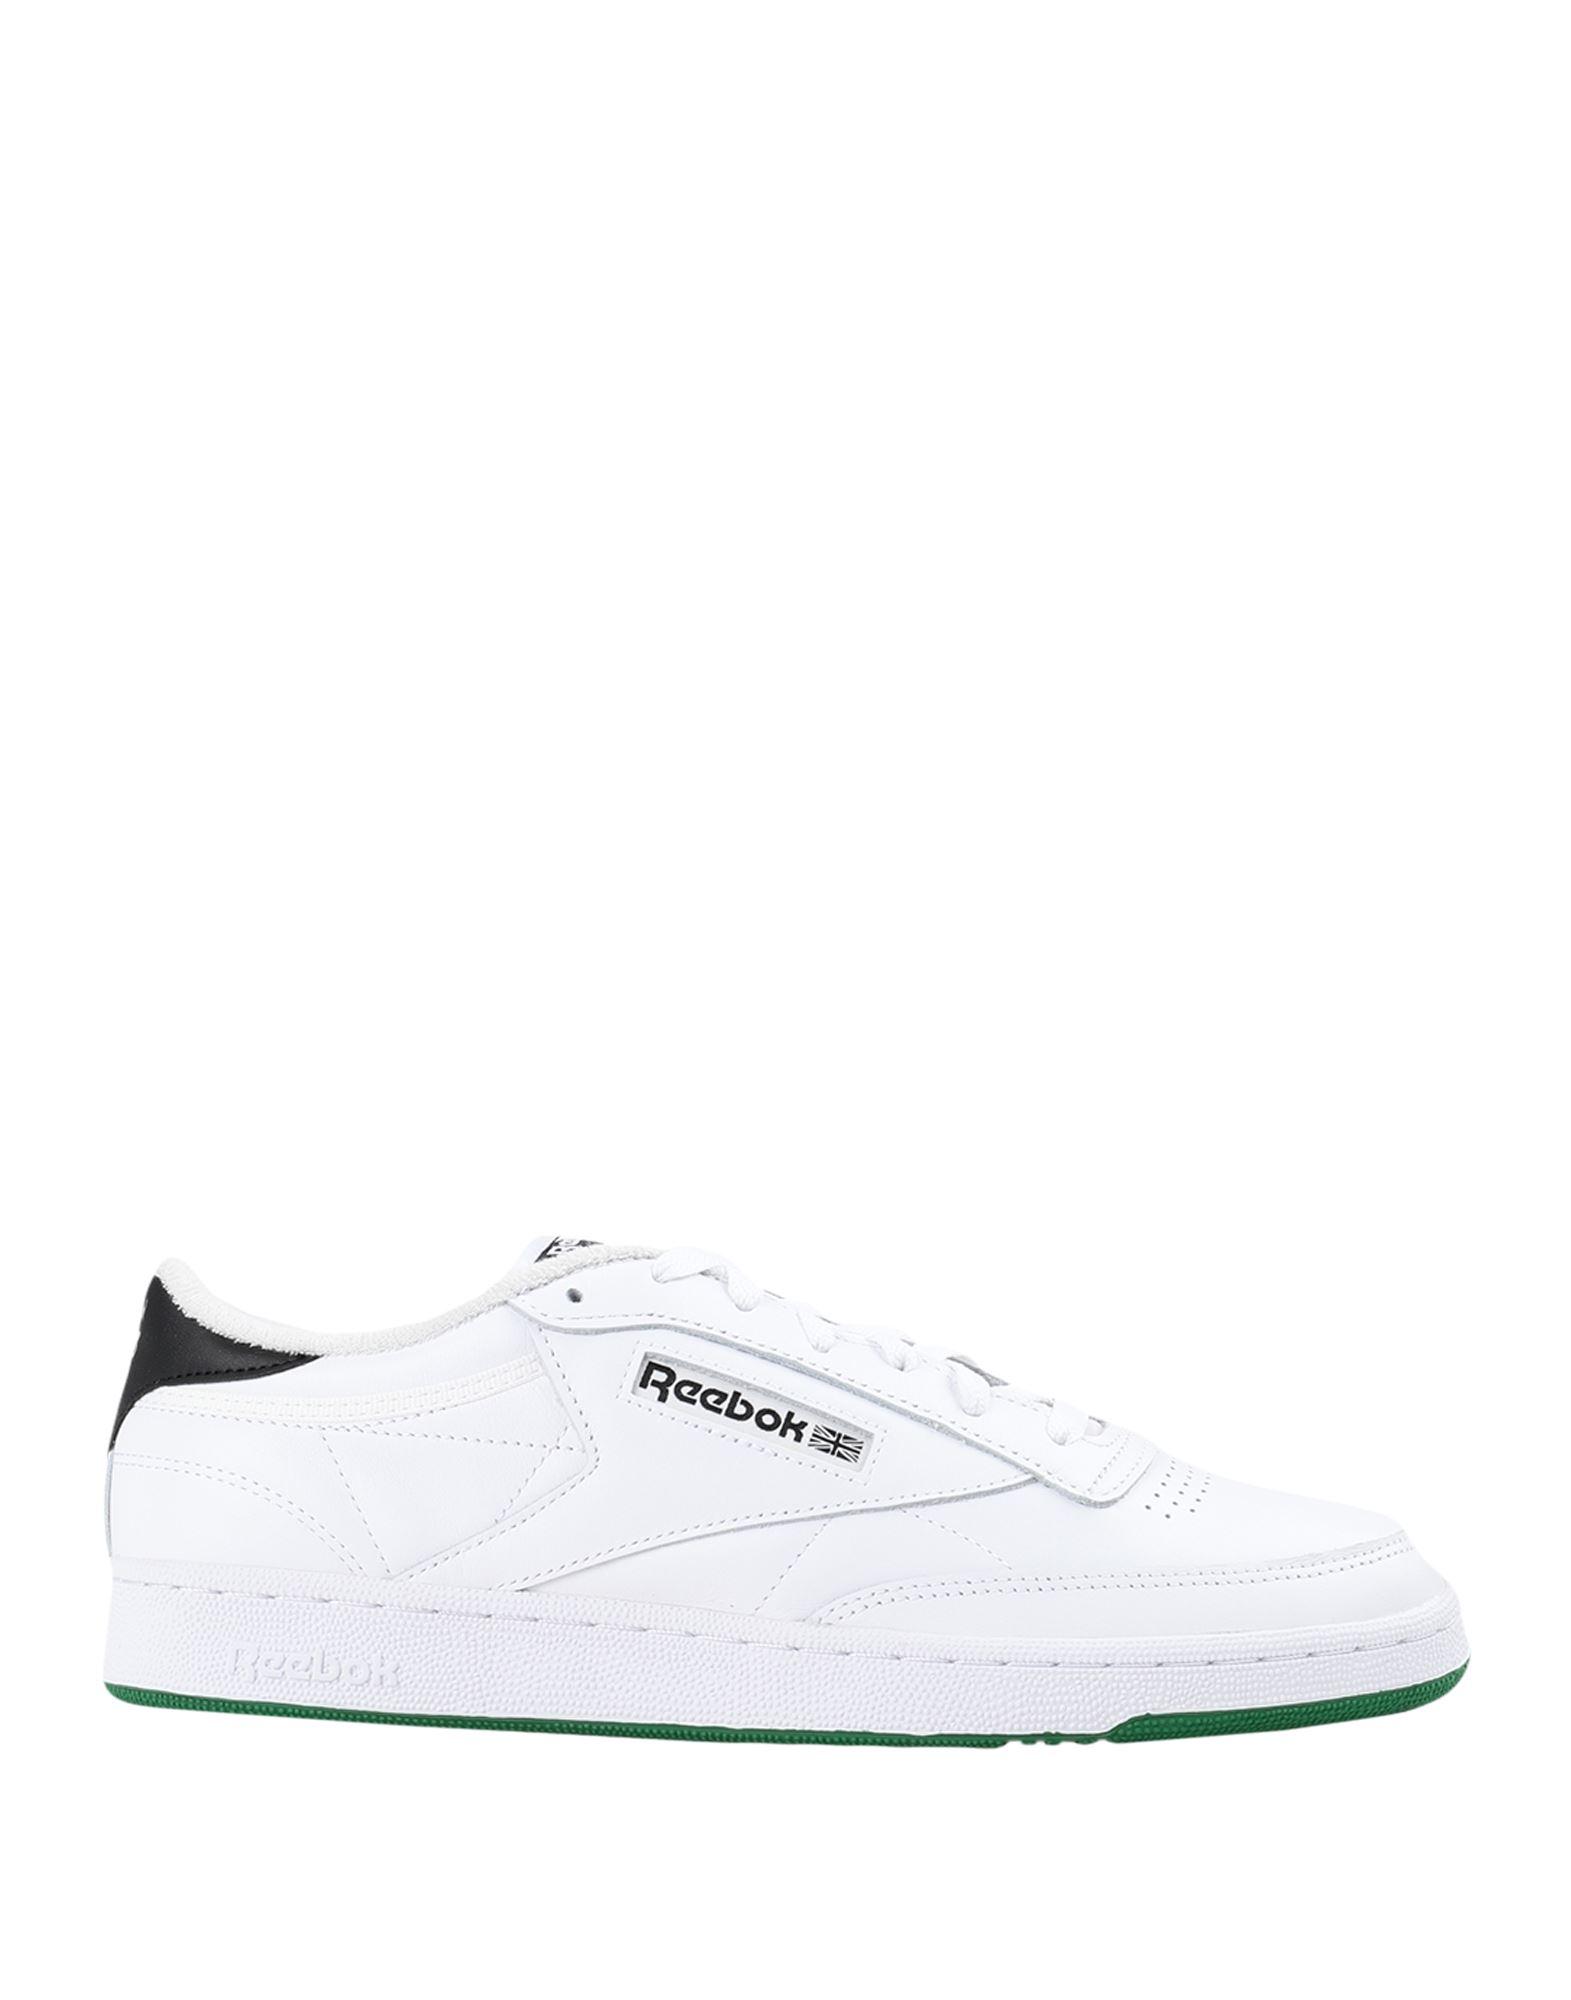 REEBOK リーボック メンズ スニーカー CLUB C 85 ホワイト